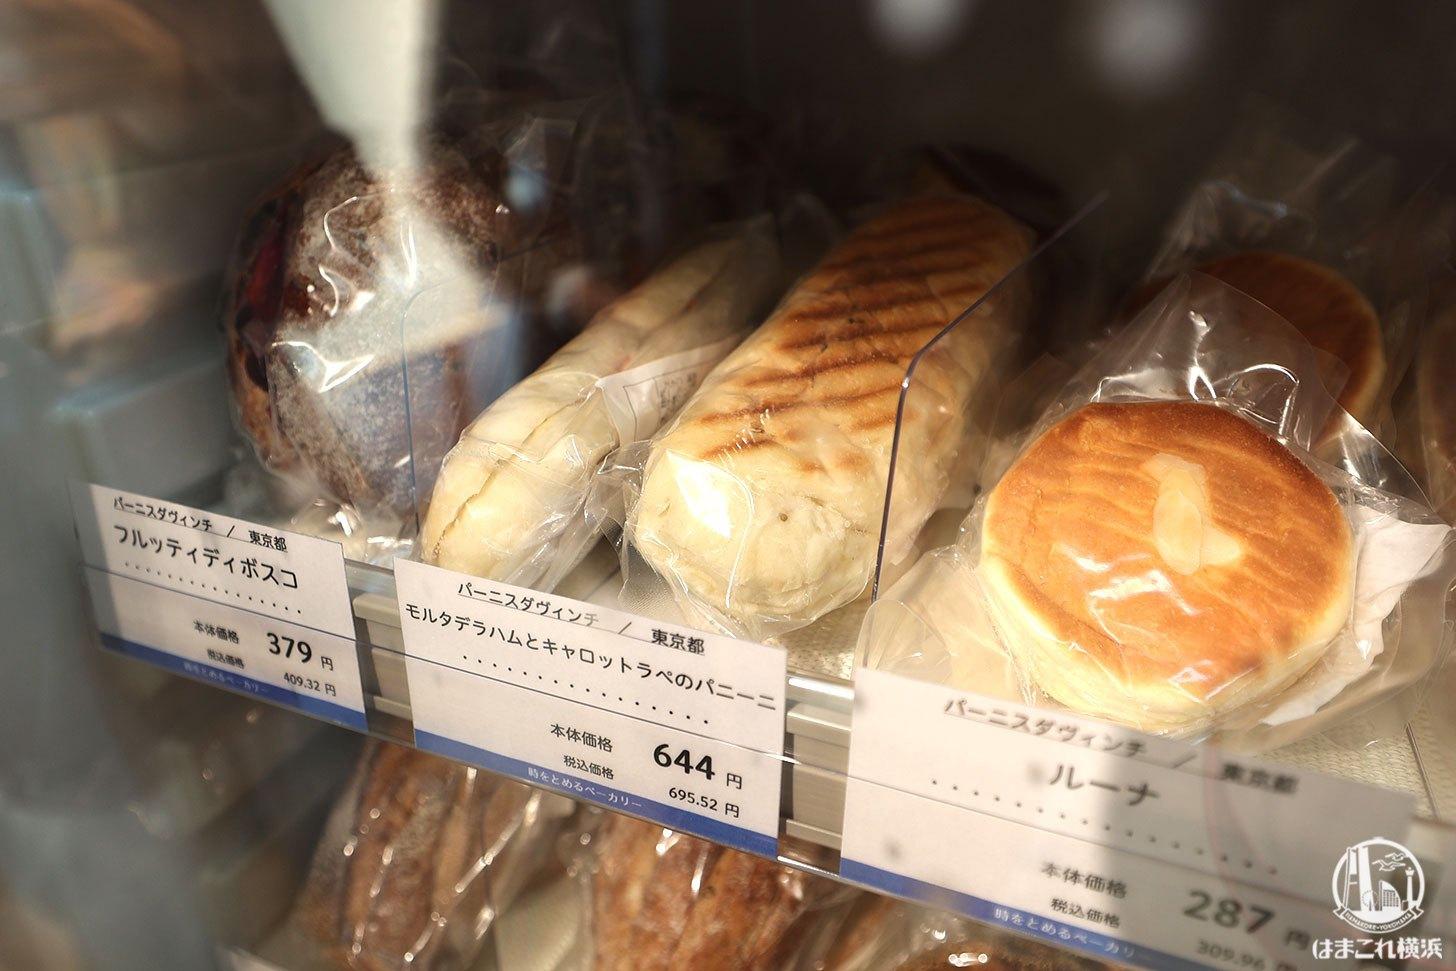 冷凍パン専門店「時をとめるベーカリー」横浜瀬谷に!50ベーカリー・500種以上のパン